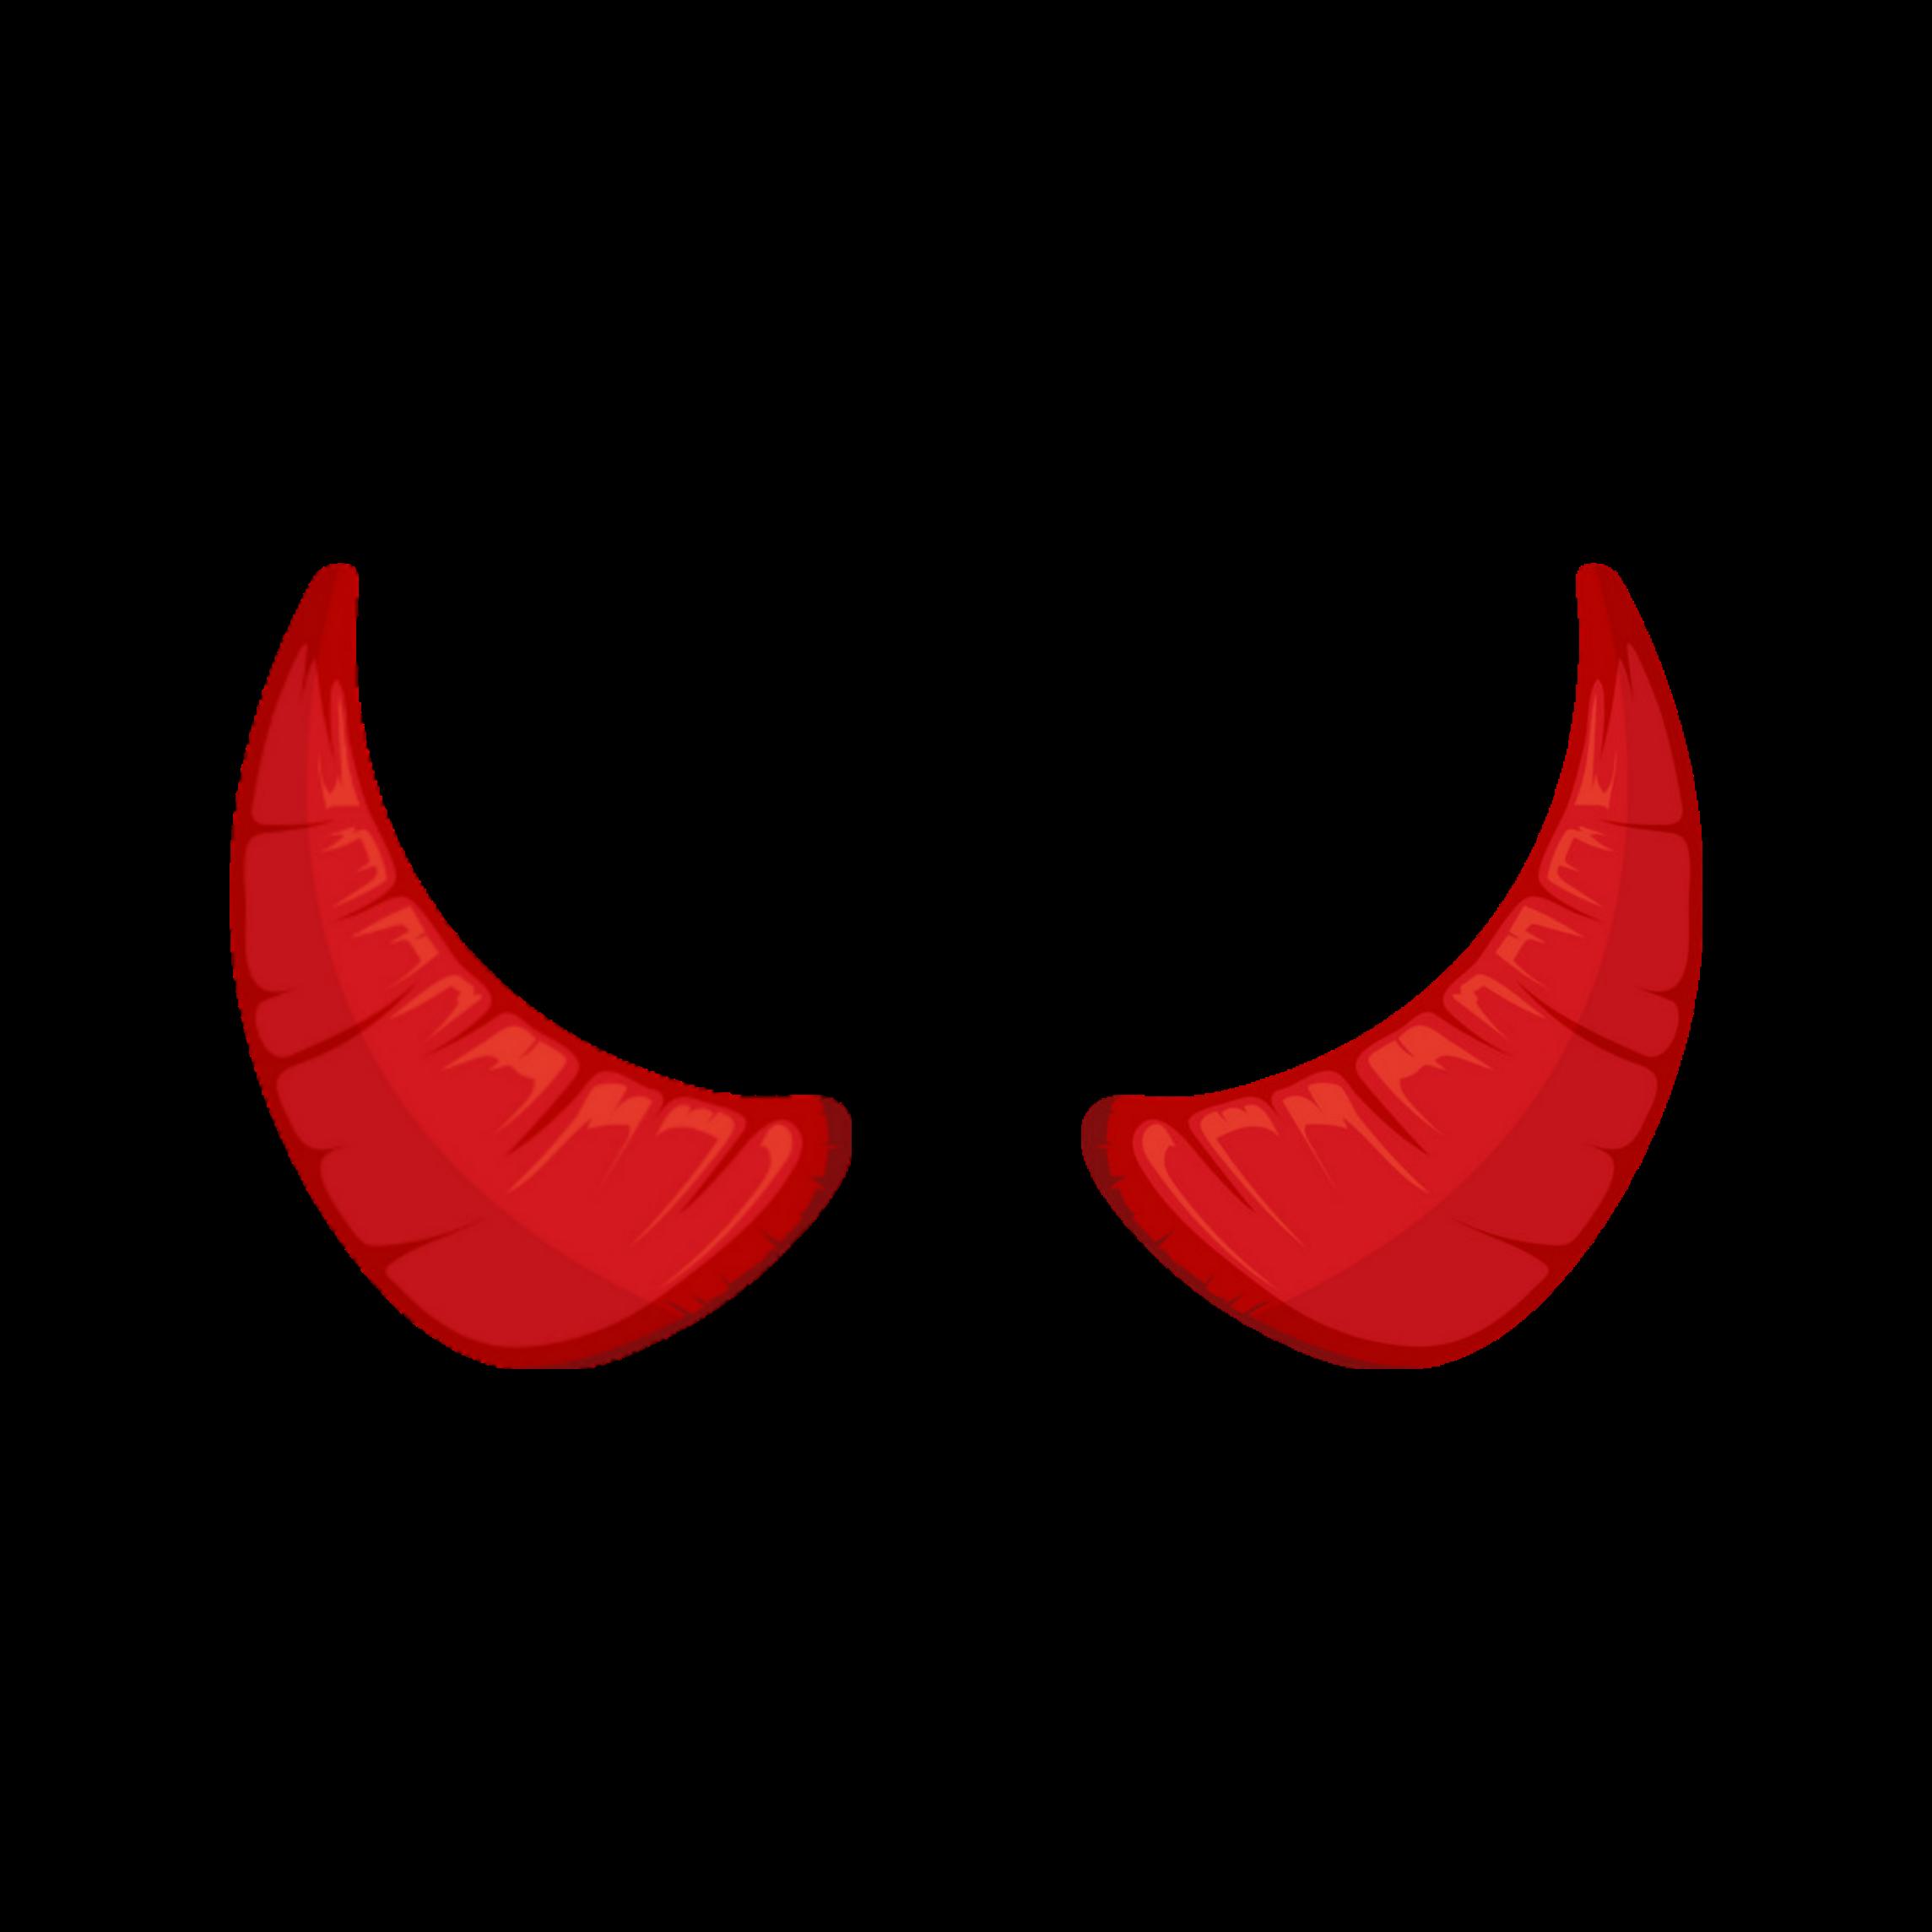 Картинка рожки дьявола